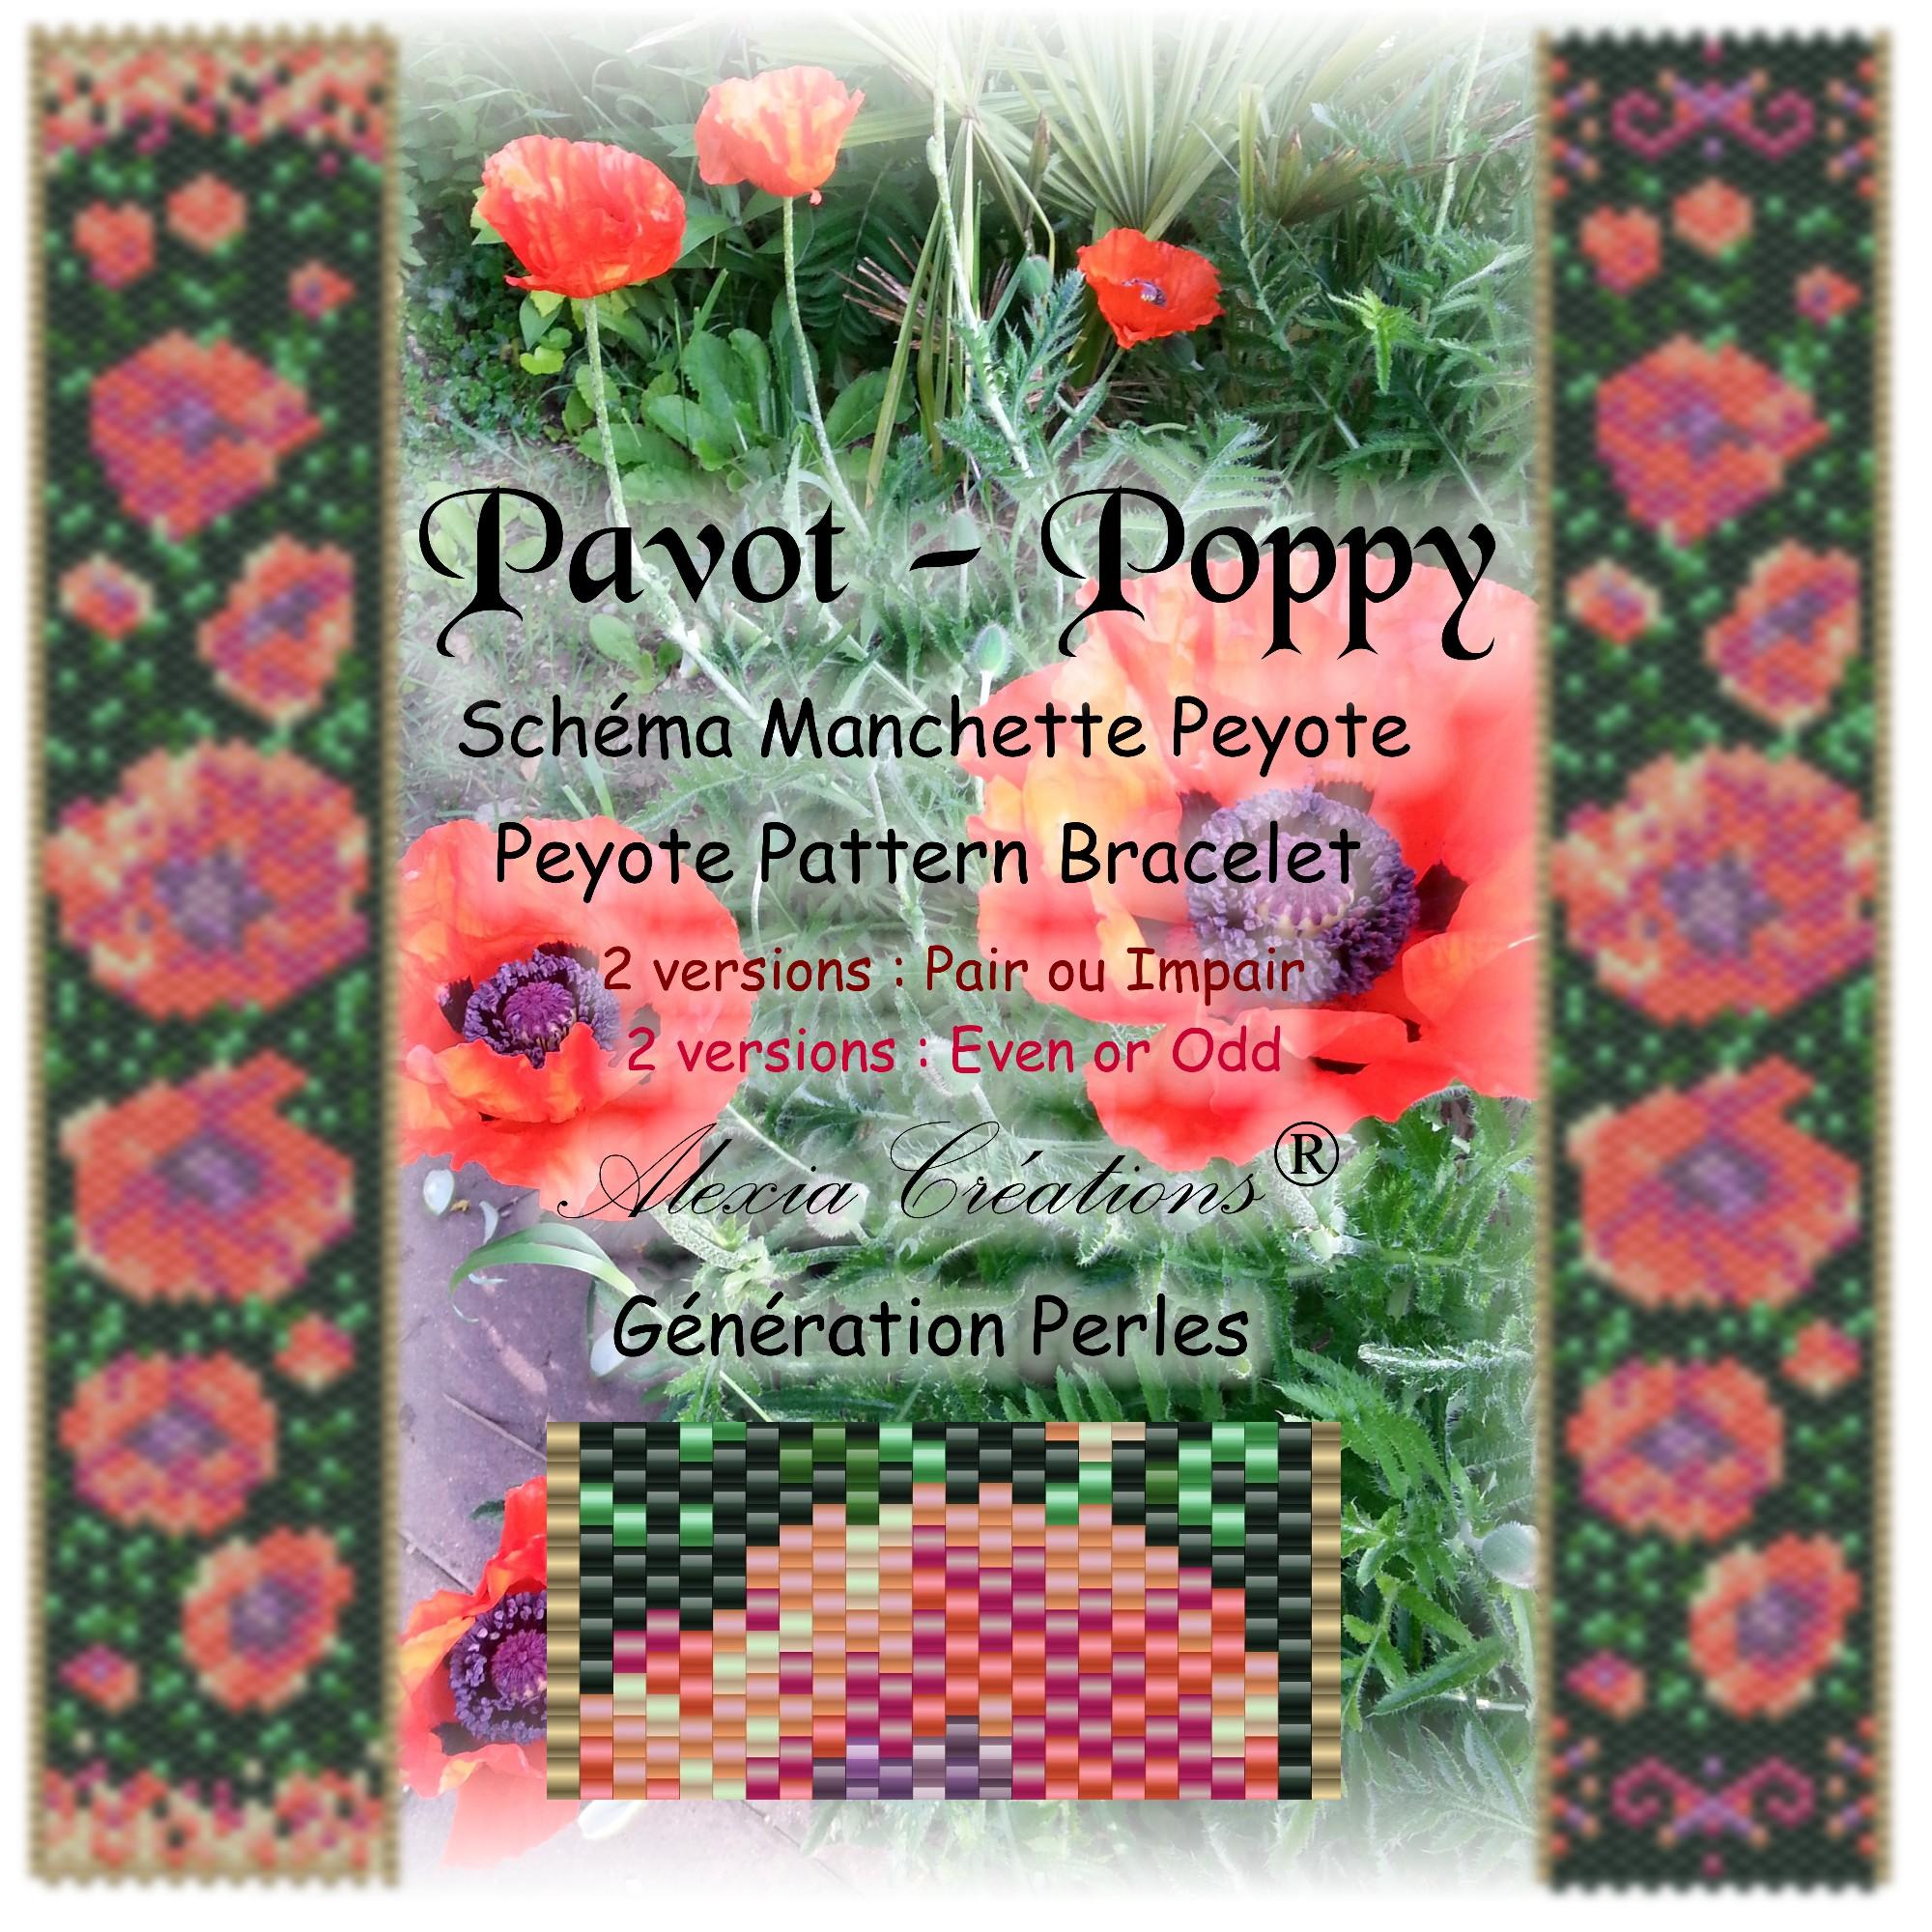 100 perles Acryliques Rondes 6mm aspect Givre multicolores DIY création bijoux